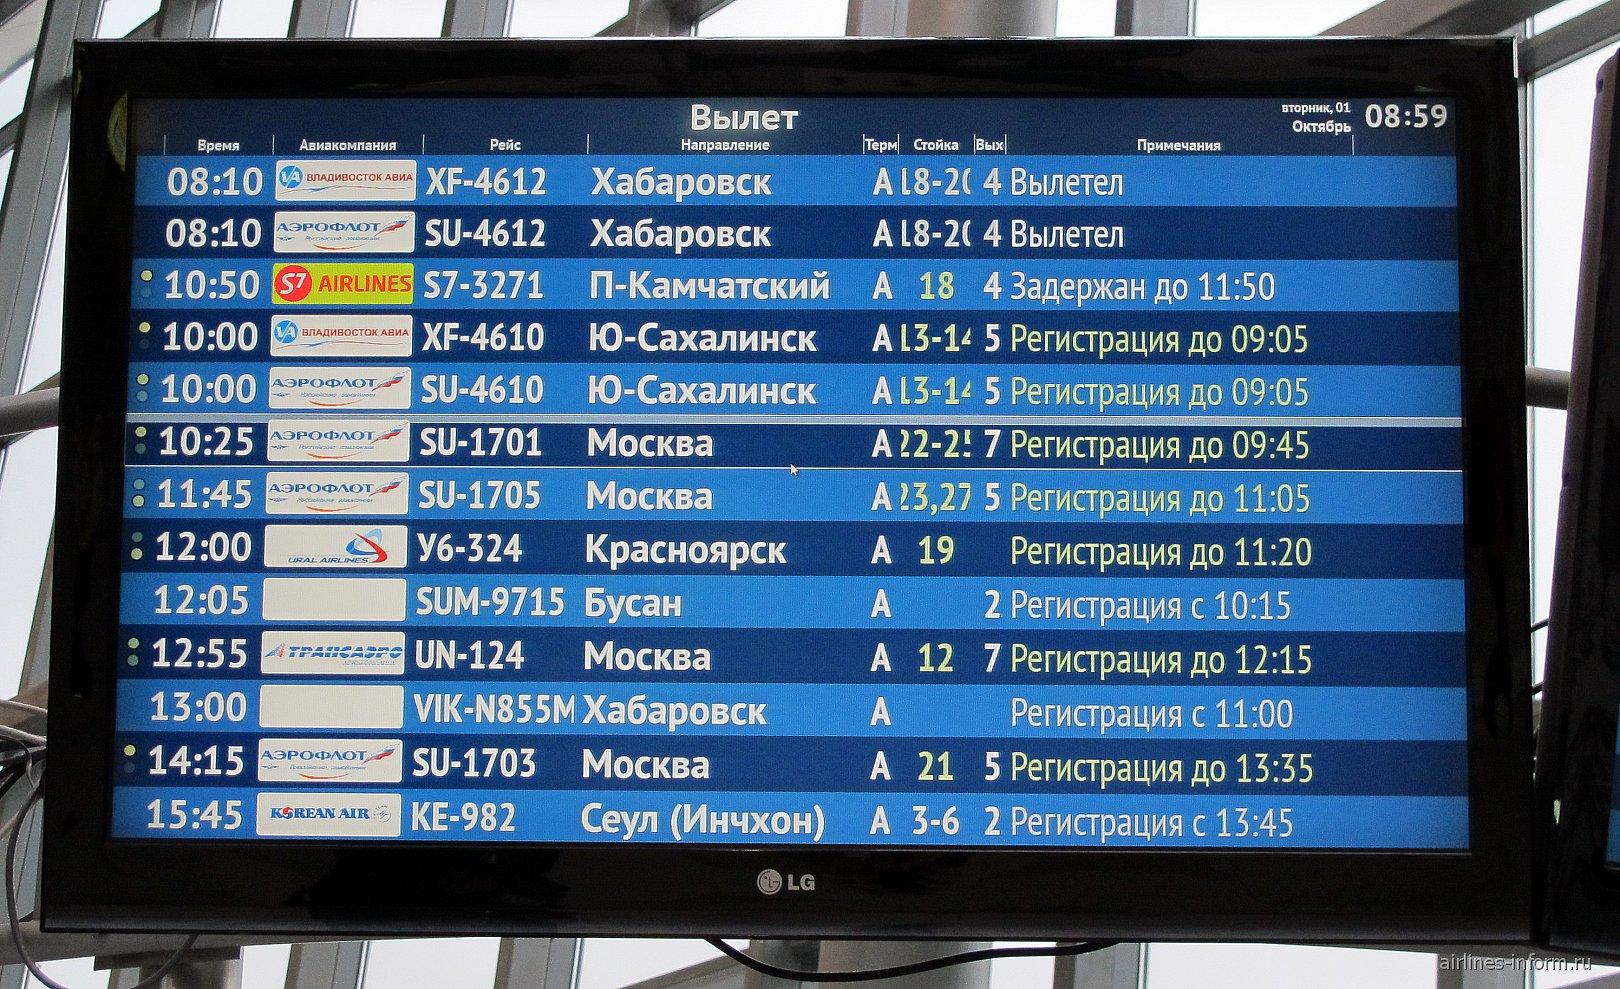 Табло рейсов в аэропорту Владивостока